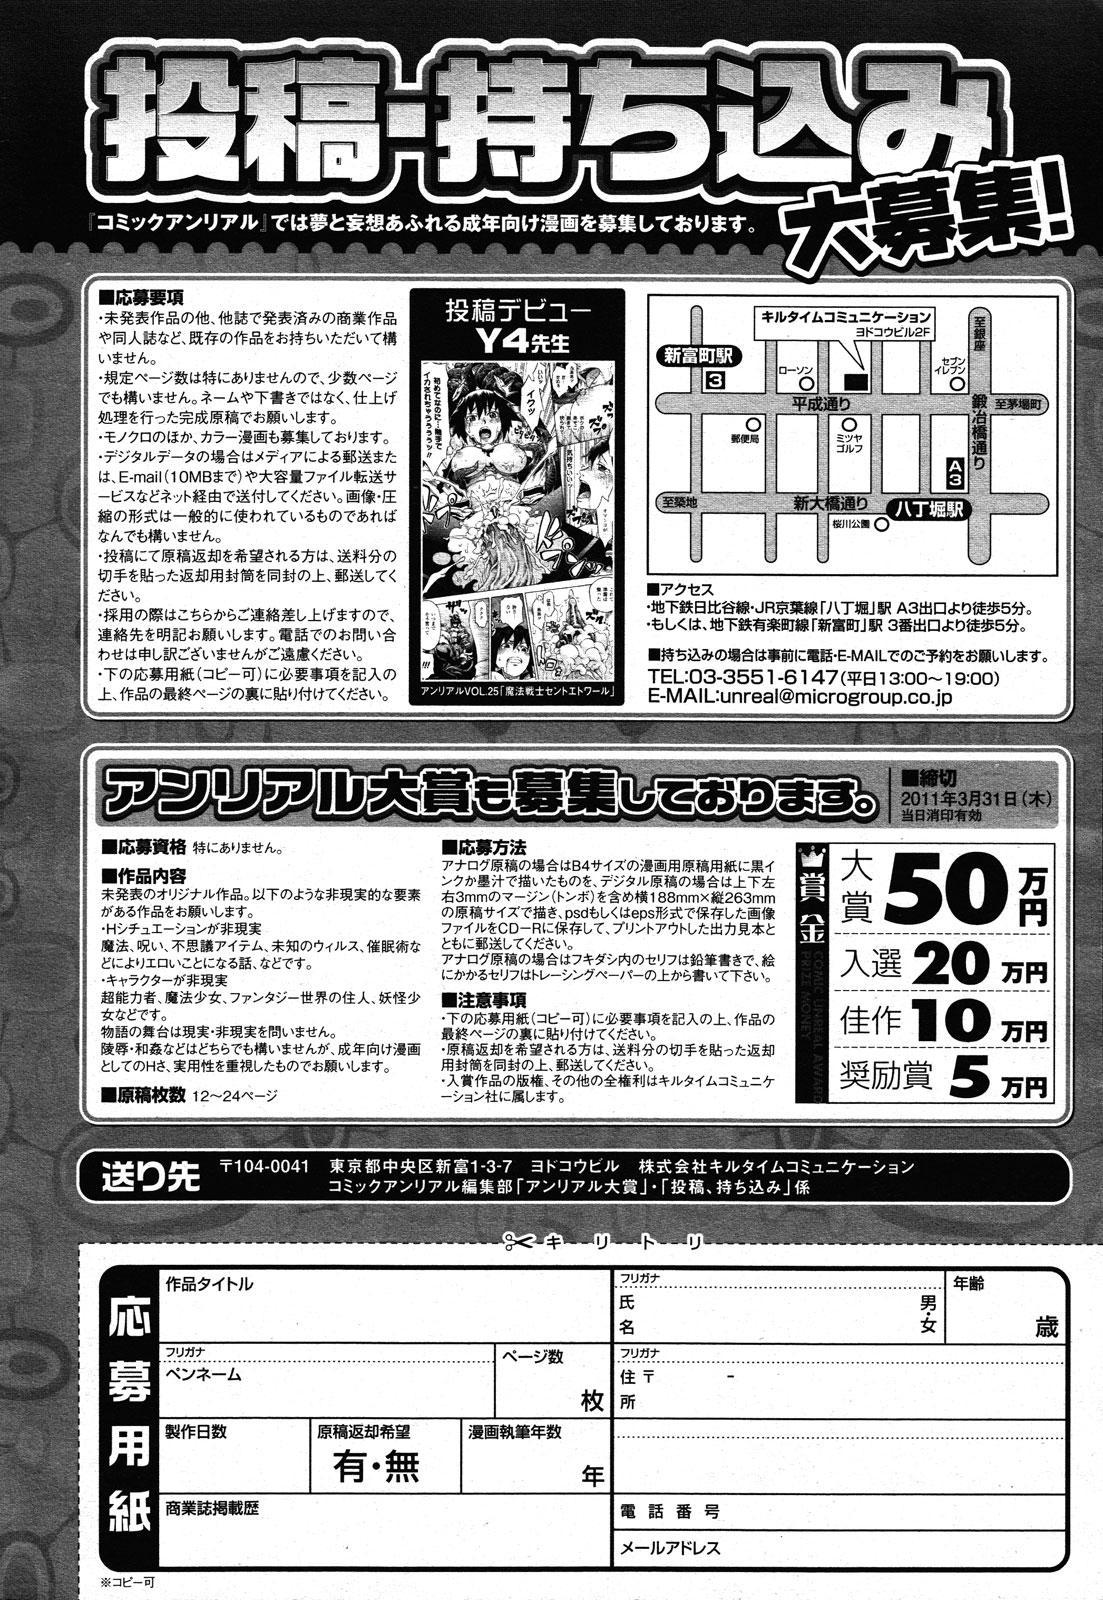 COMIC Unreal 2011-02 Vol. 29 + Mogudan Calendar 2011 453